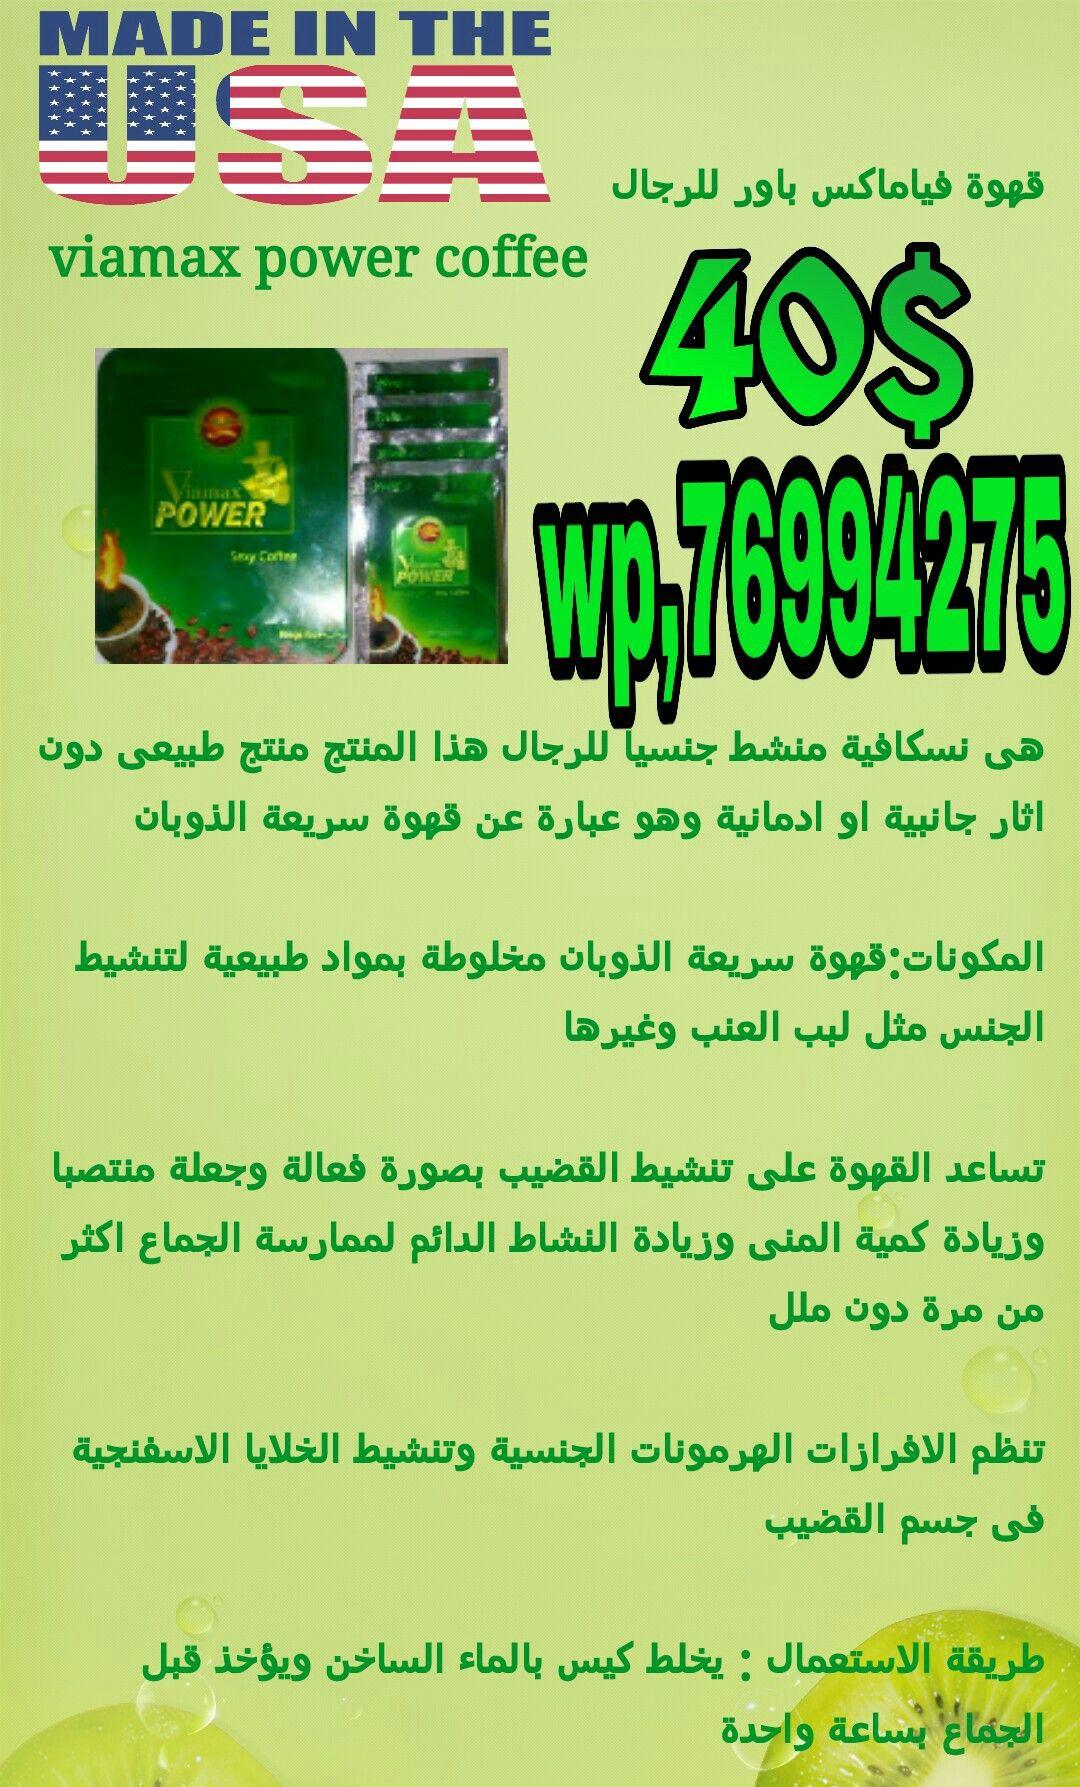 40 للطلب لبنان 0096176994275 قهوة Viamax Power فياماكس باور الأمريكية الأصلية للرجال Power How To Make Coffee